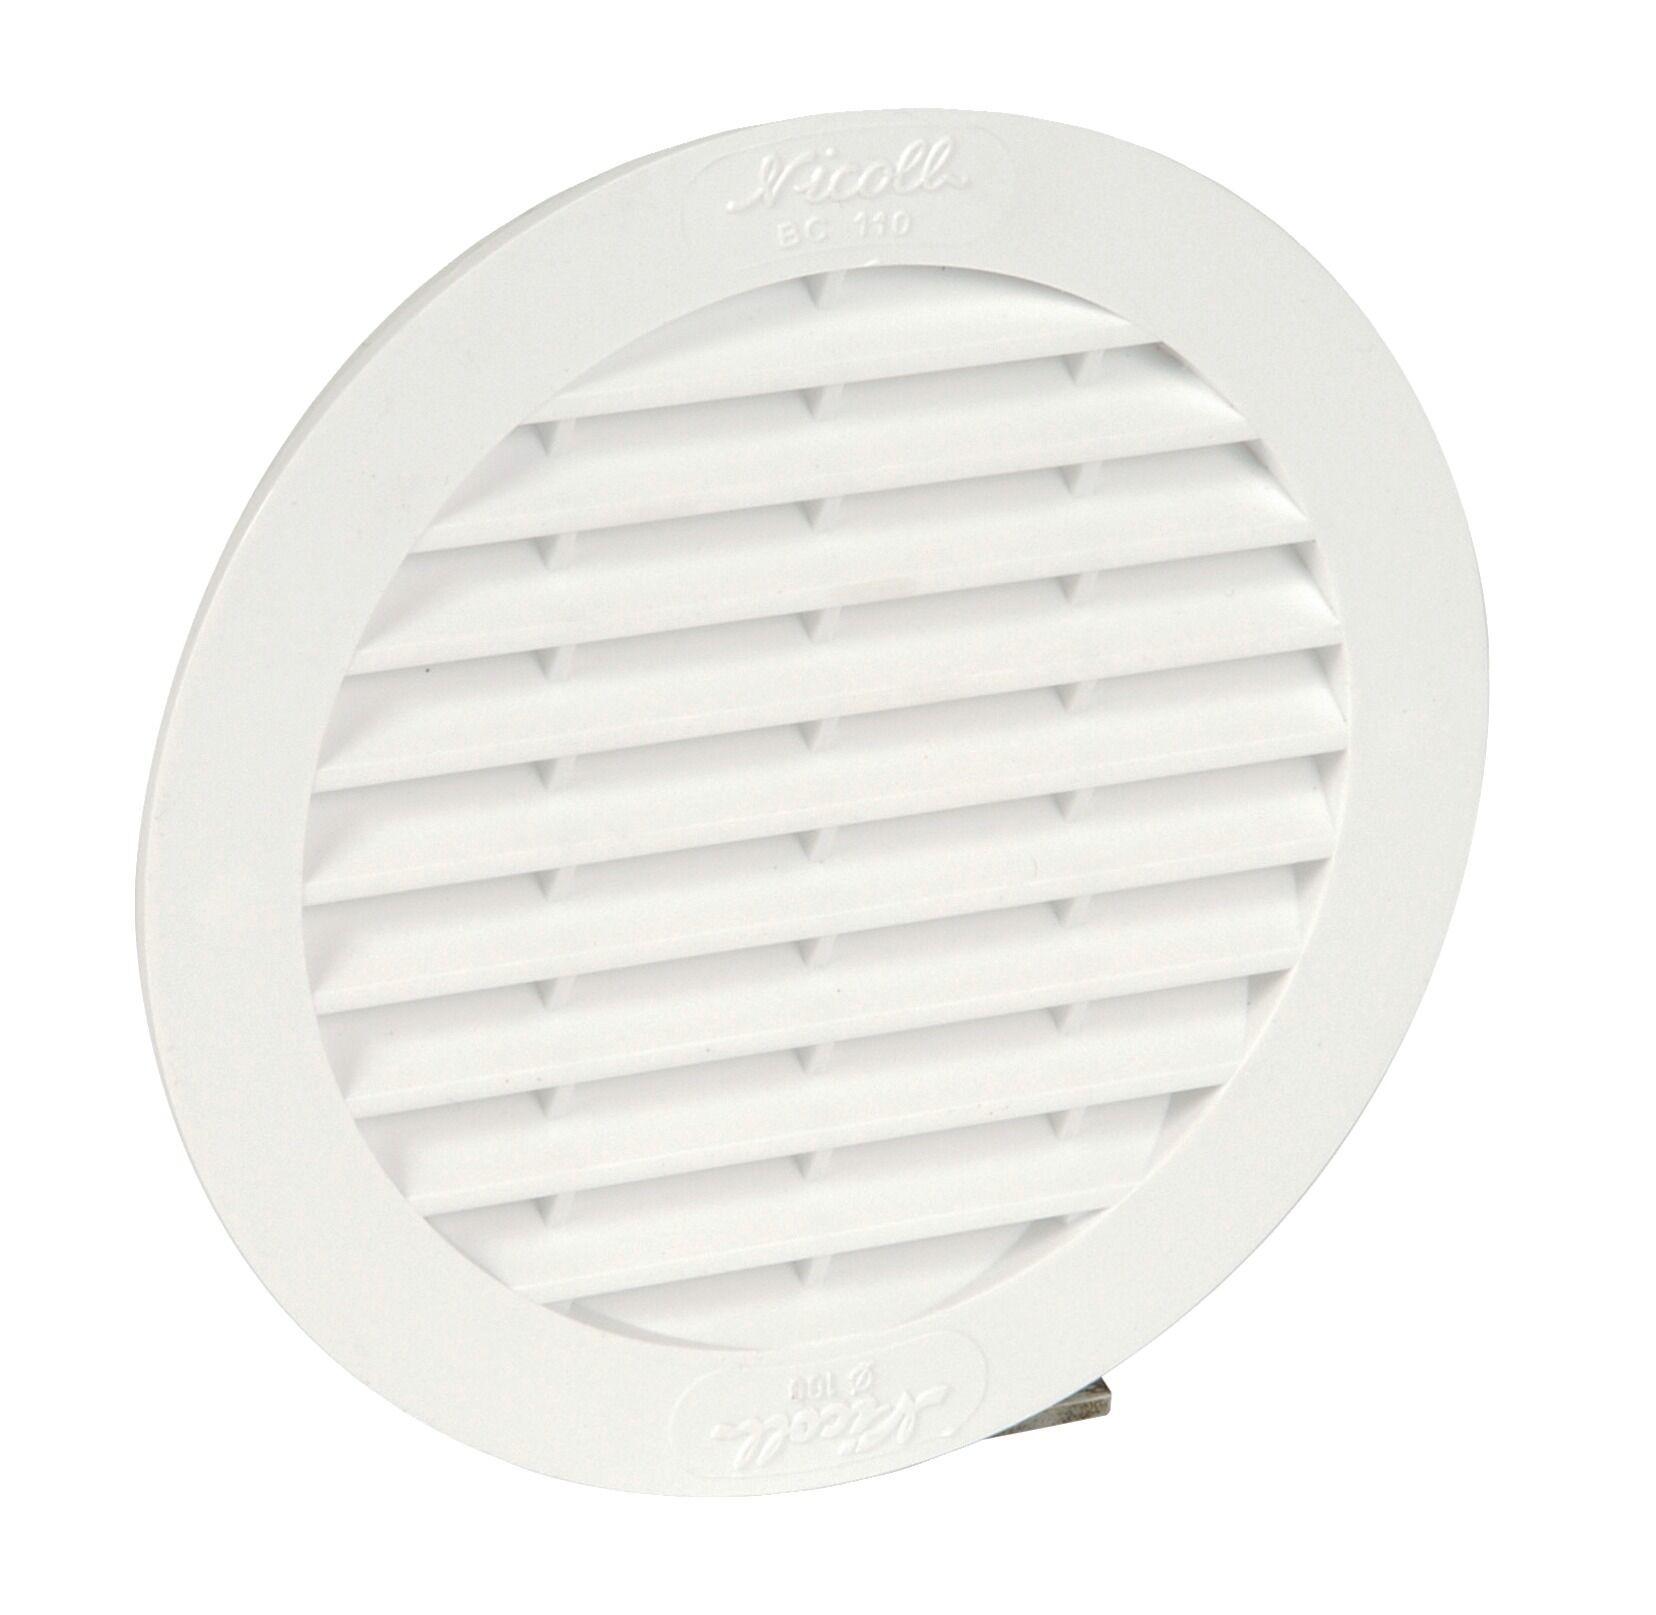 NICOLL Grille de ventilation en applique 43cm2 ronde pour tuyaux fibre ciment Ø125 blanc - NICOLL - 1BC135